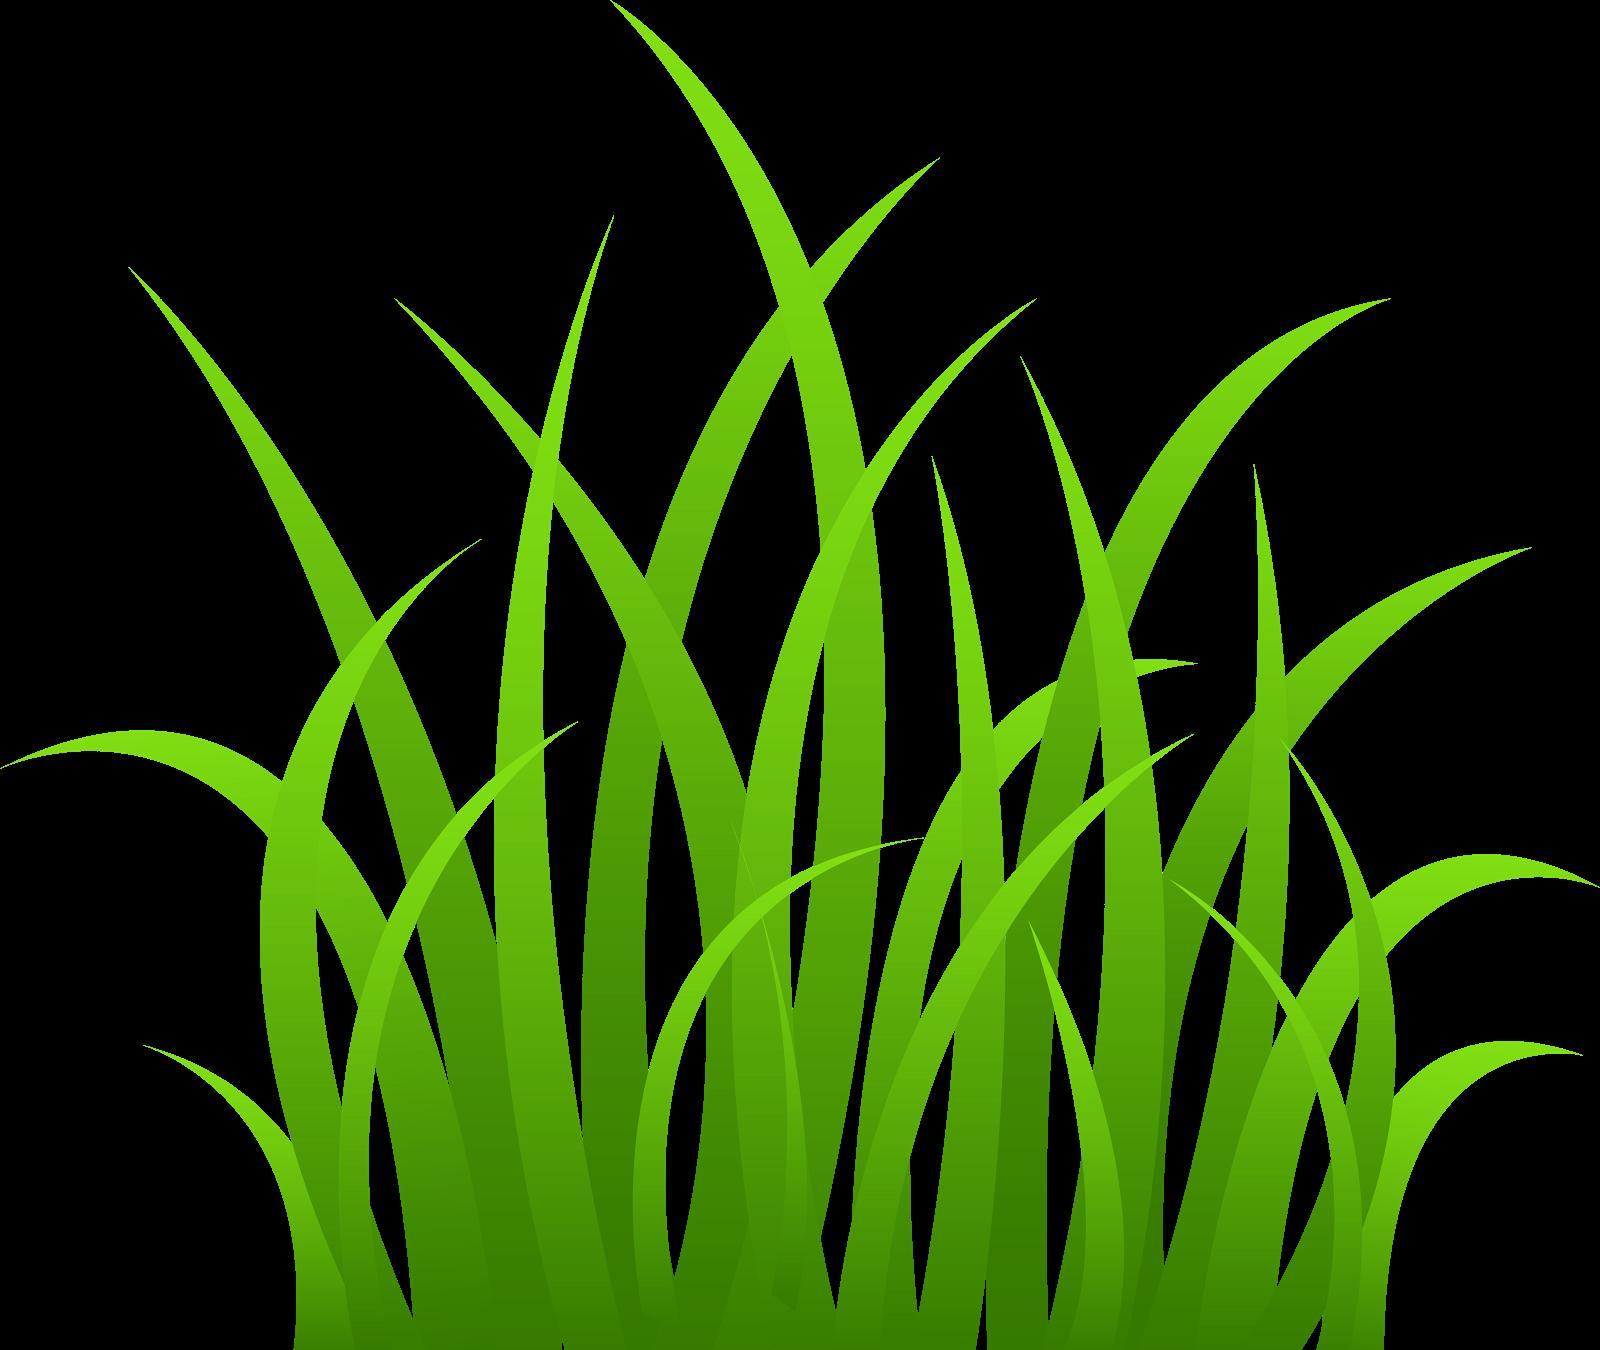 Blade clipart seagrass (52+) blades Grass Blades Grass